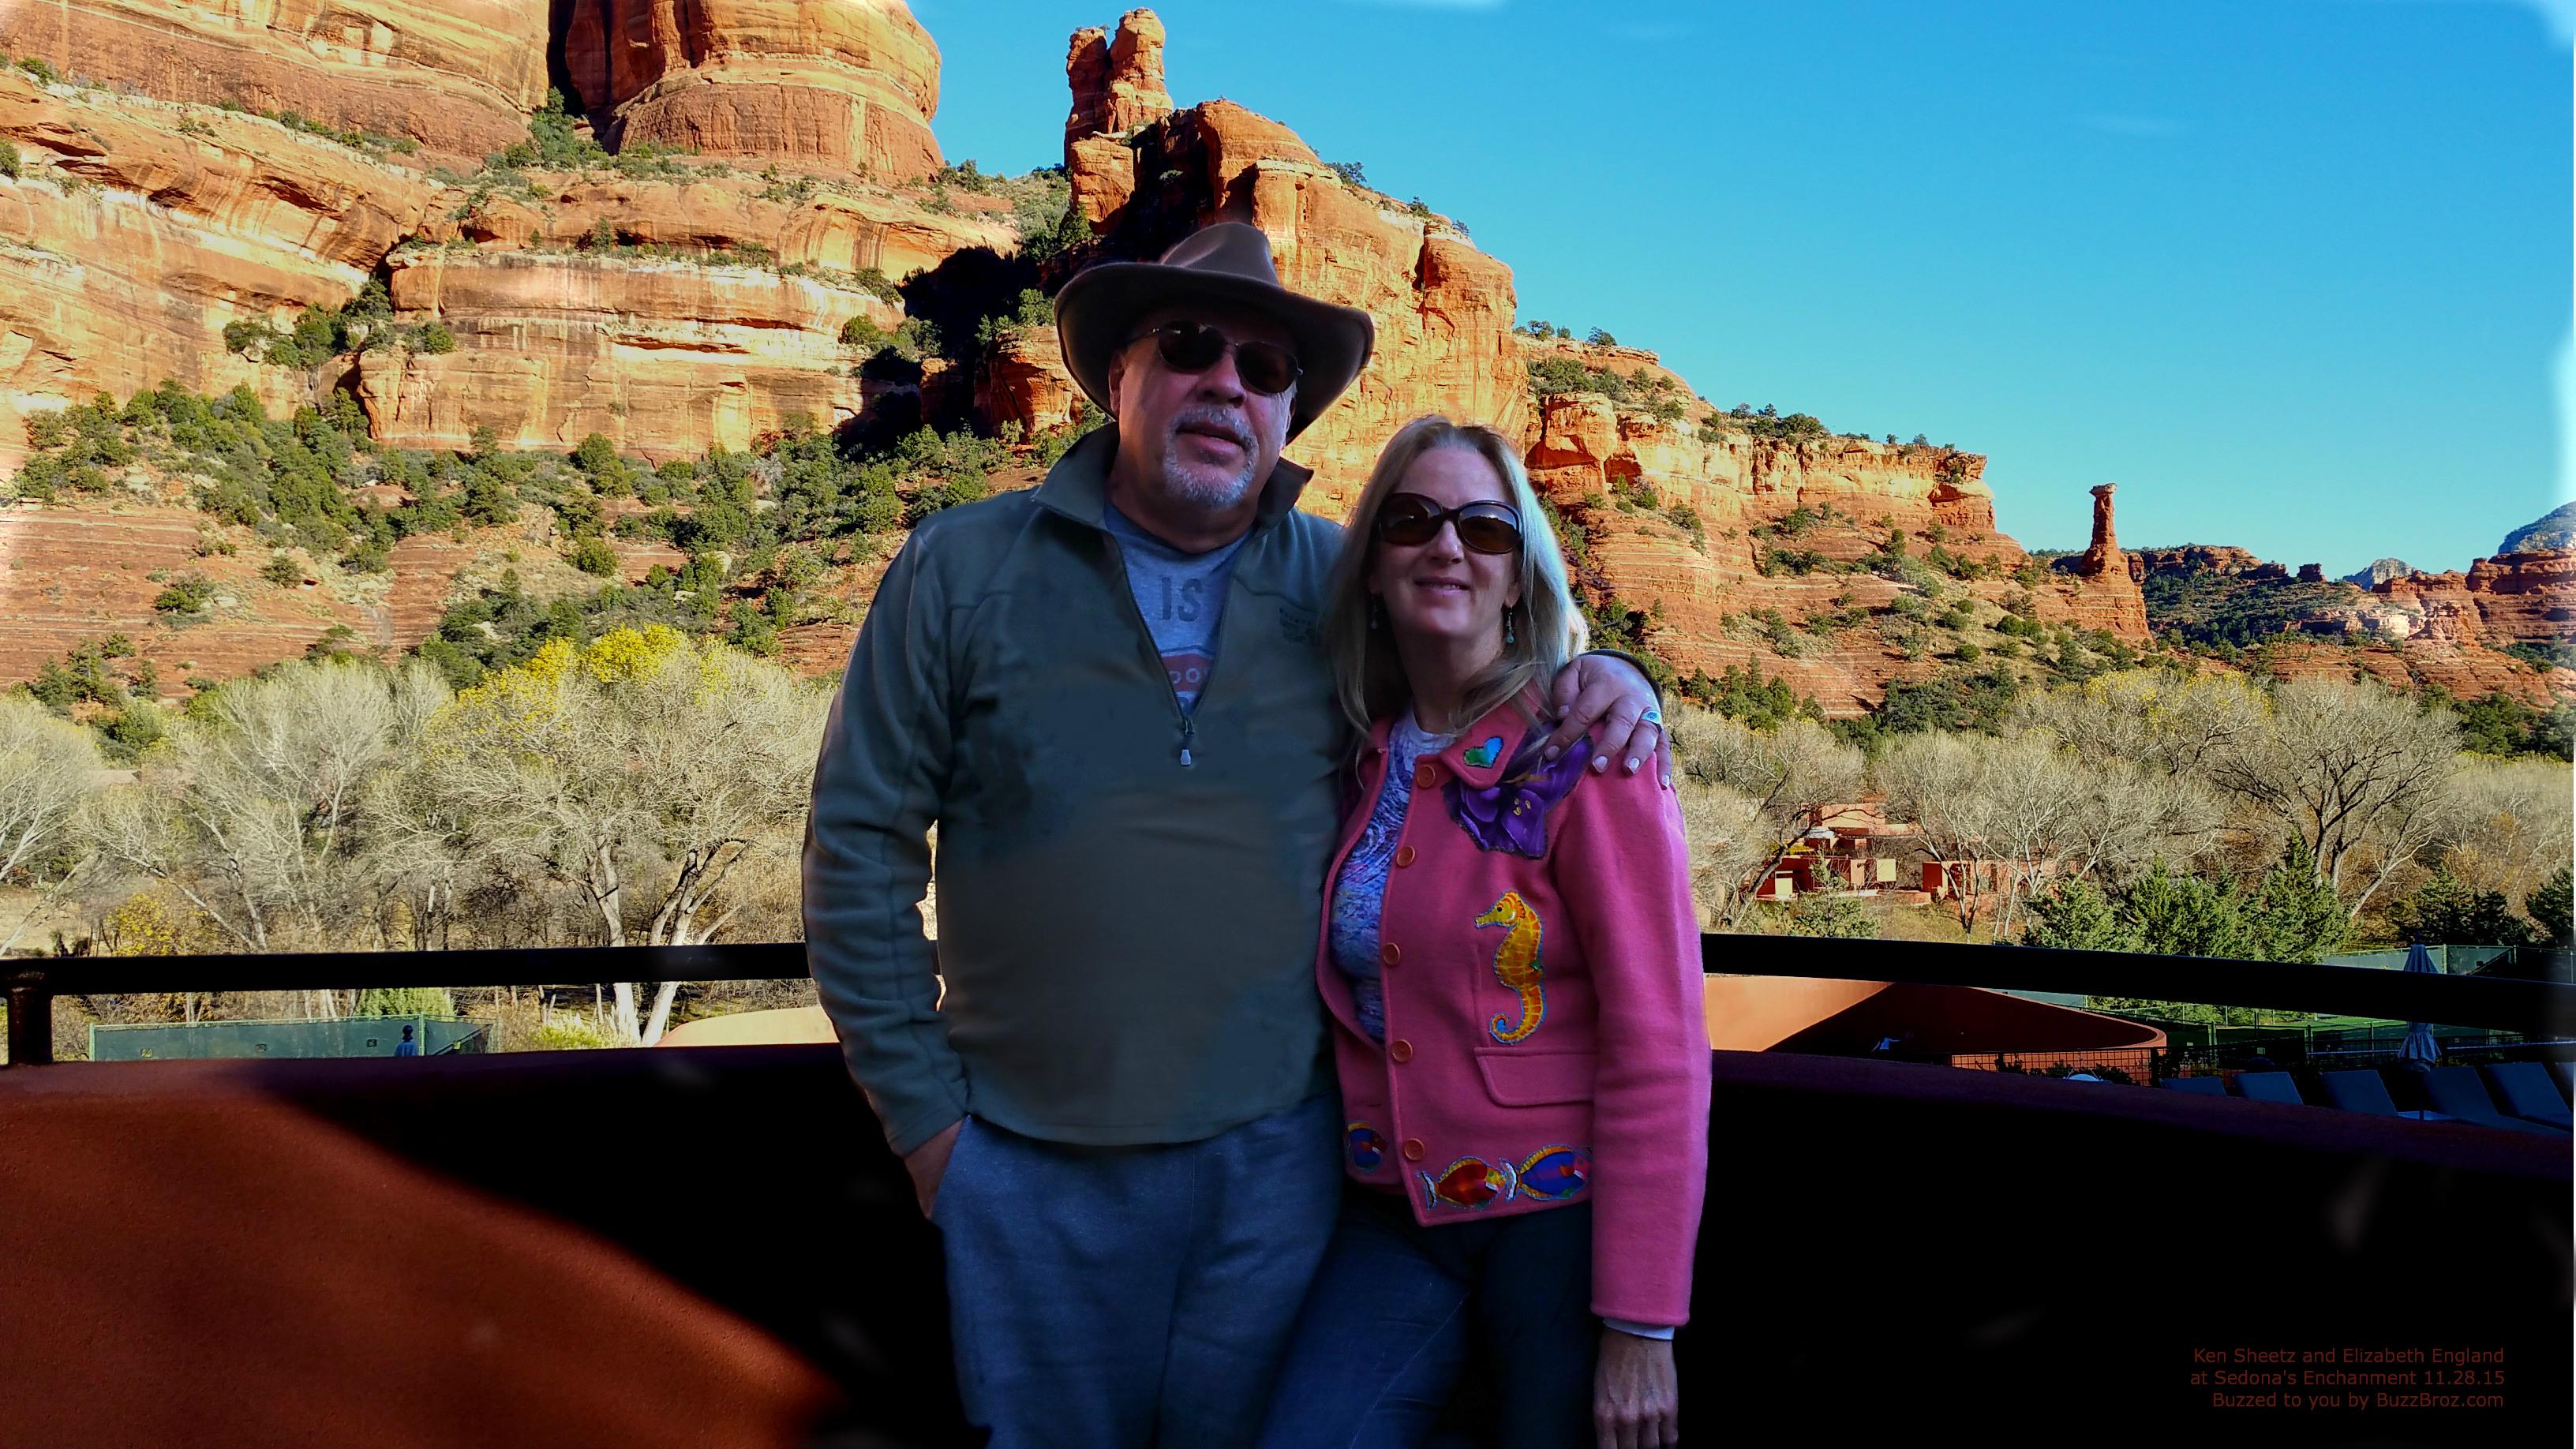 Ken and Elizabeth at Enchantment